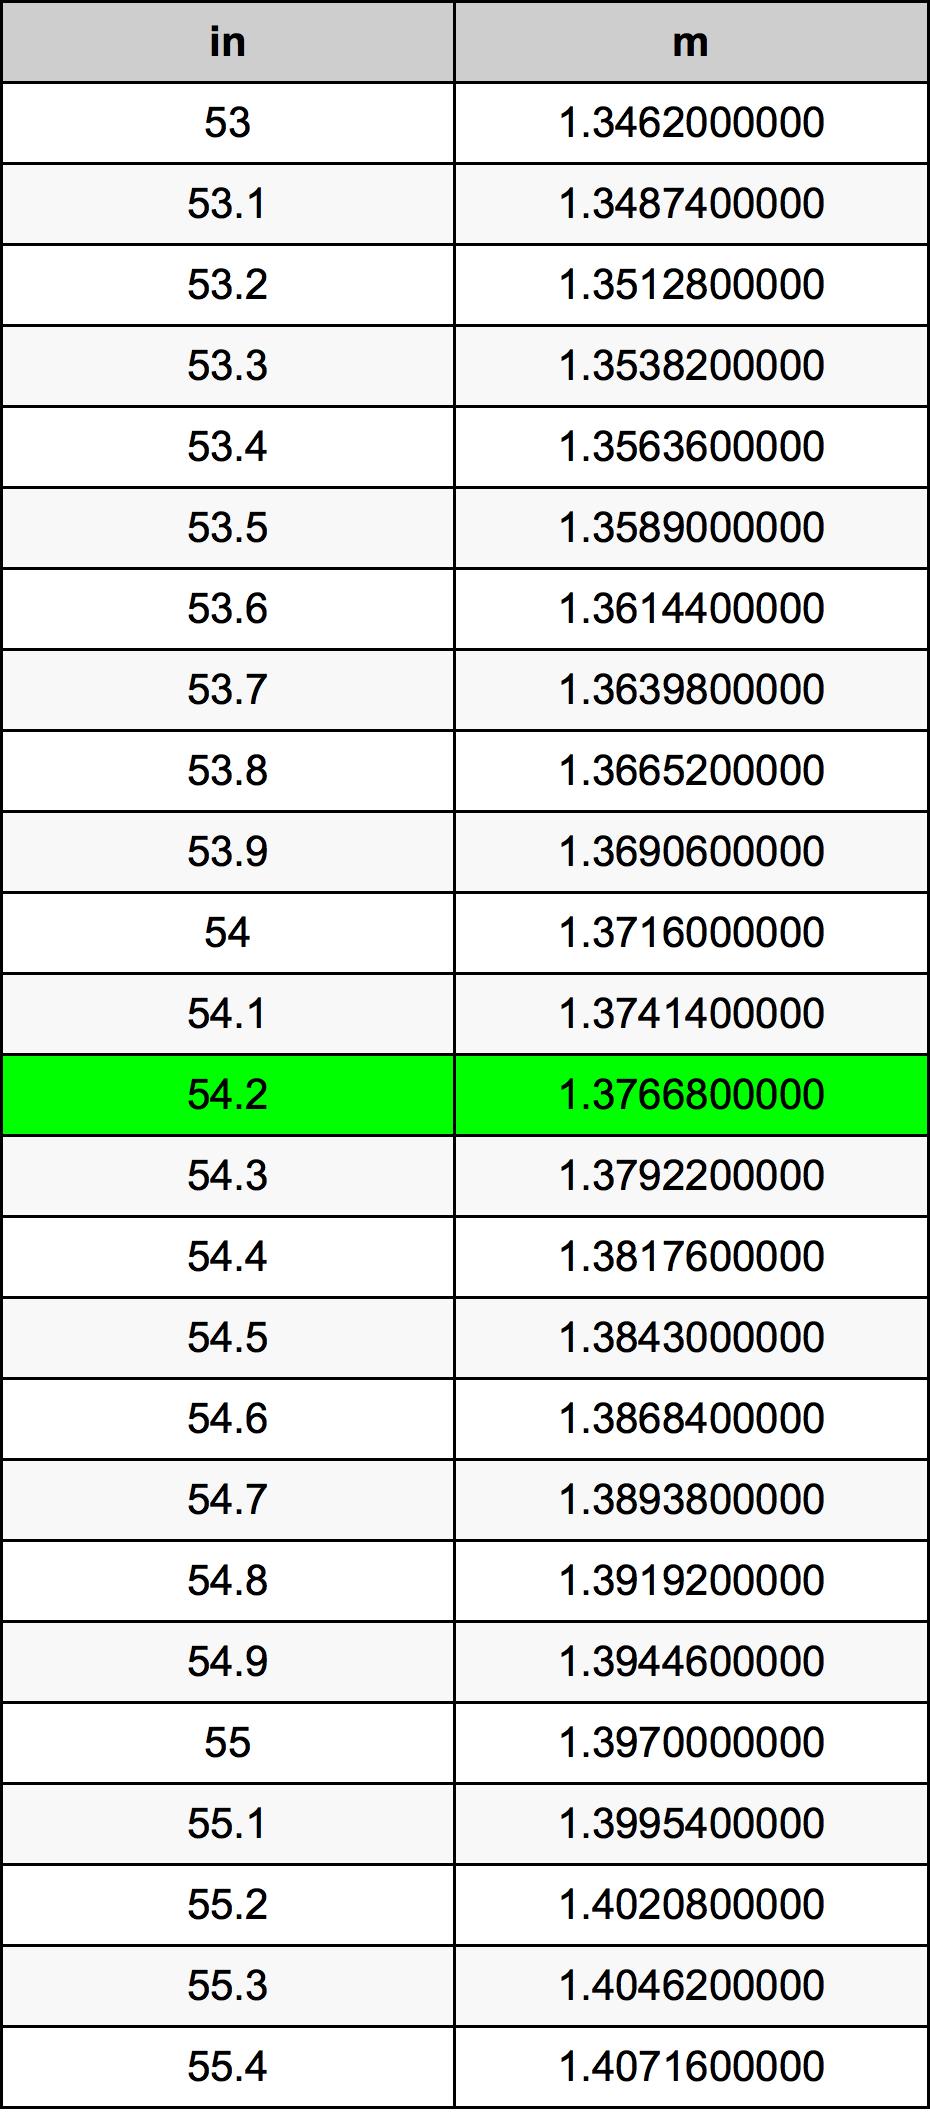 54.2 Țol tabelul de conversie